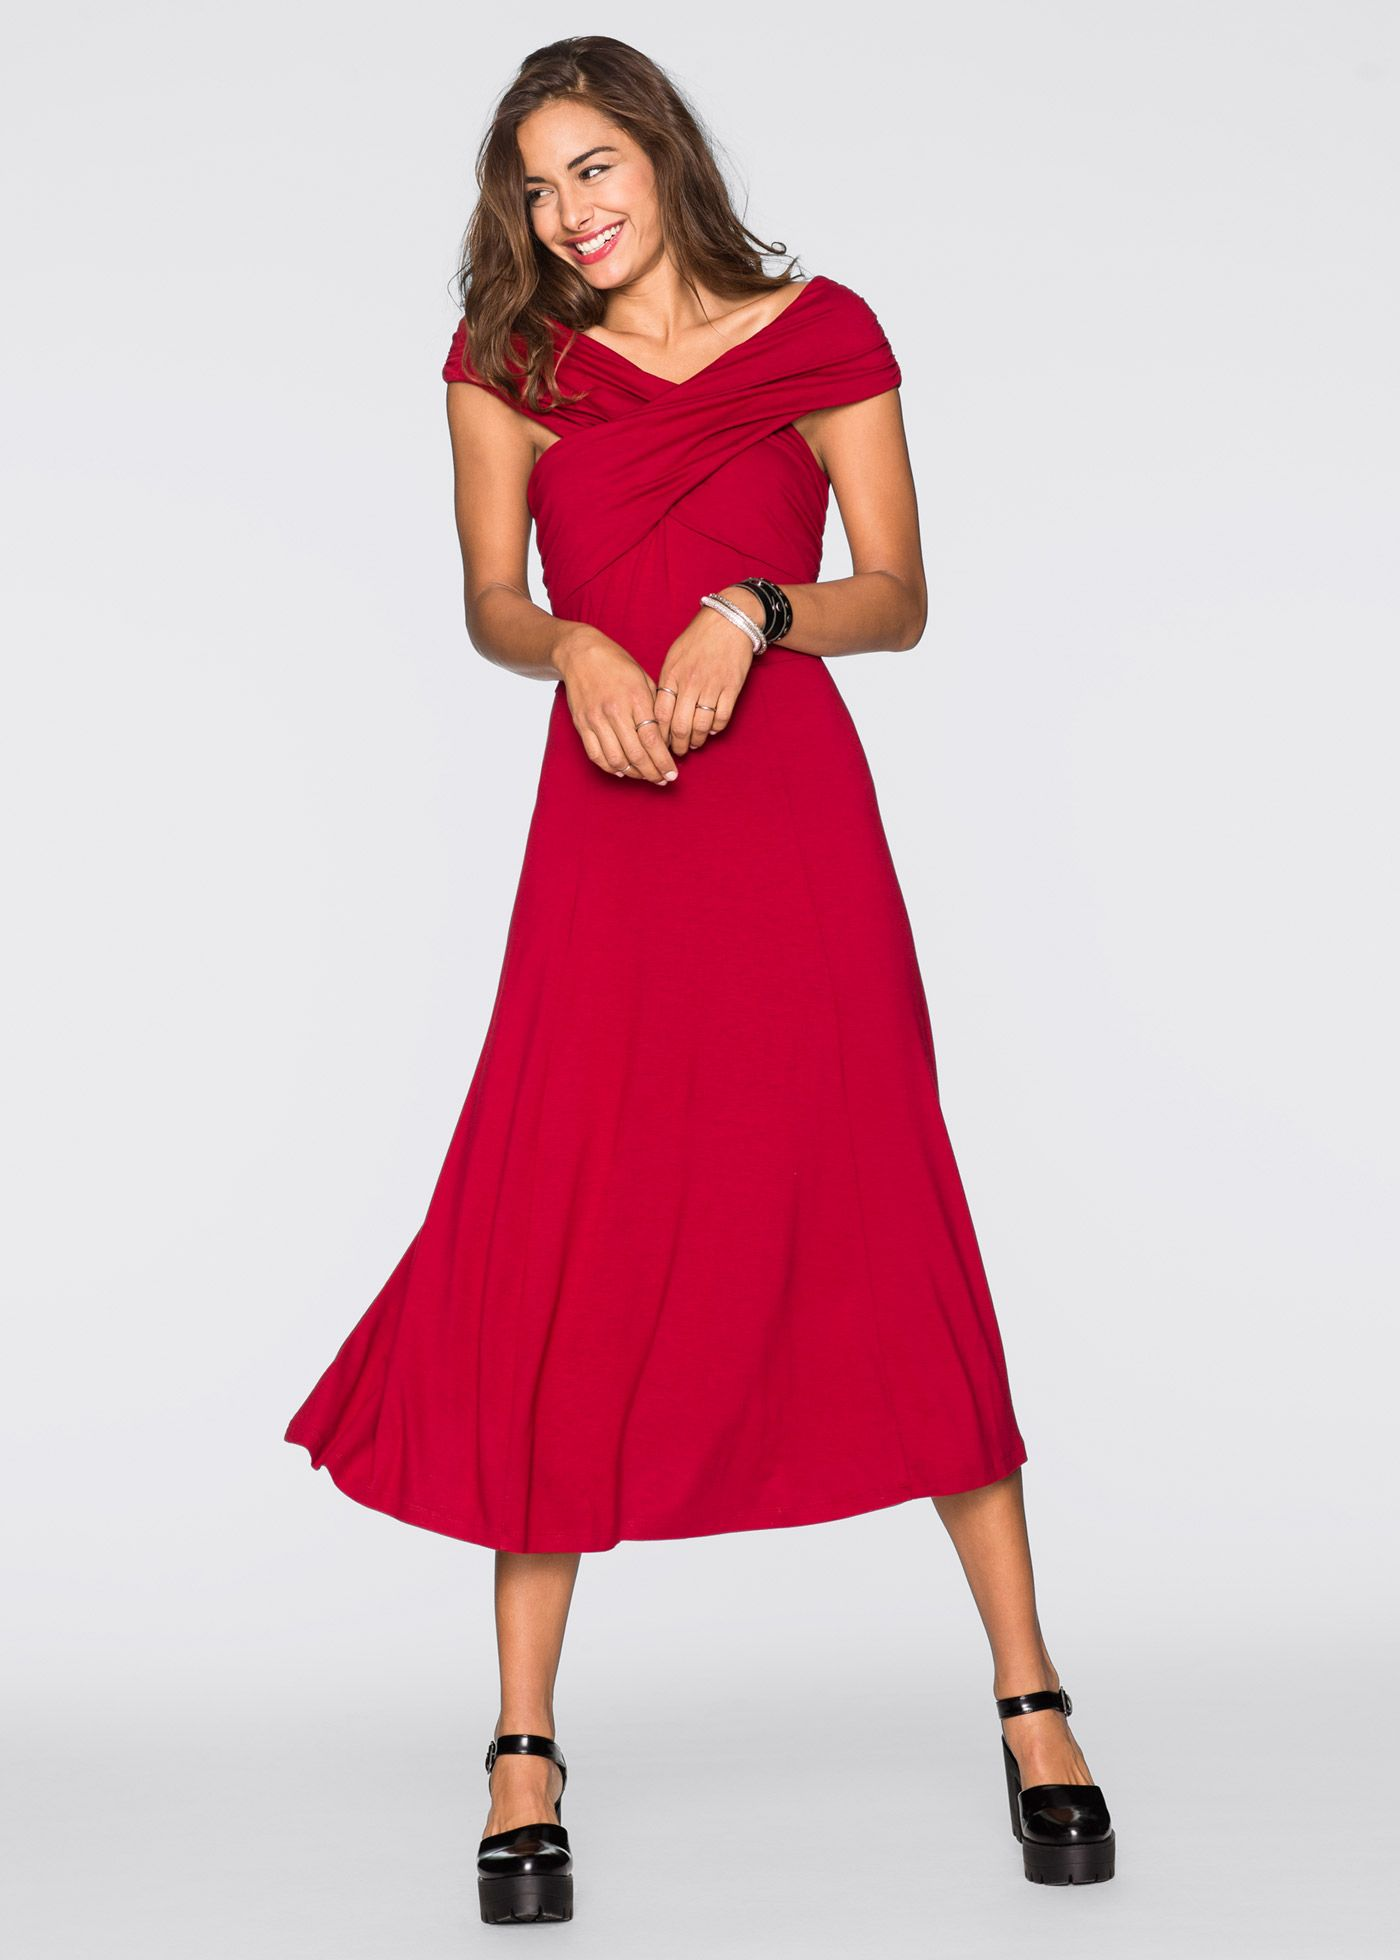 8df499e3a Vestido midi de malha vermelho escuro encomendar agora na loja on-line  bonprix.com